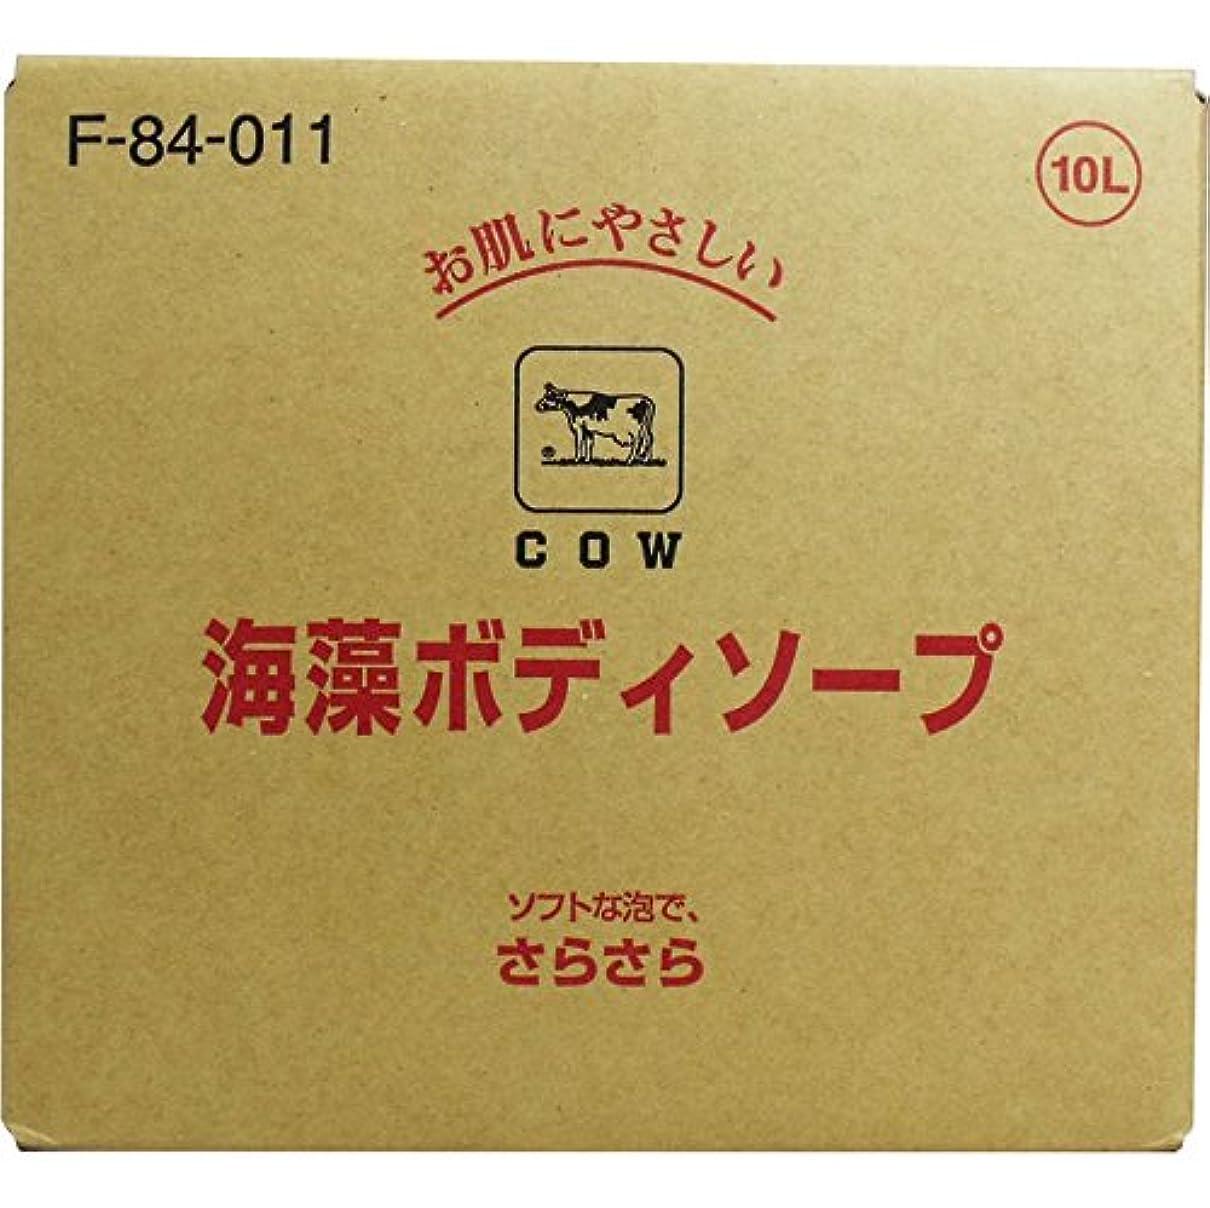 再生可能用心する消化ボディ 石けん詰め替え さらさらした洗い心地 便利商品 牛乳ブランド 海藻ボディソープ 業務用 10L